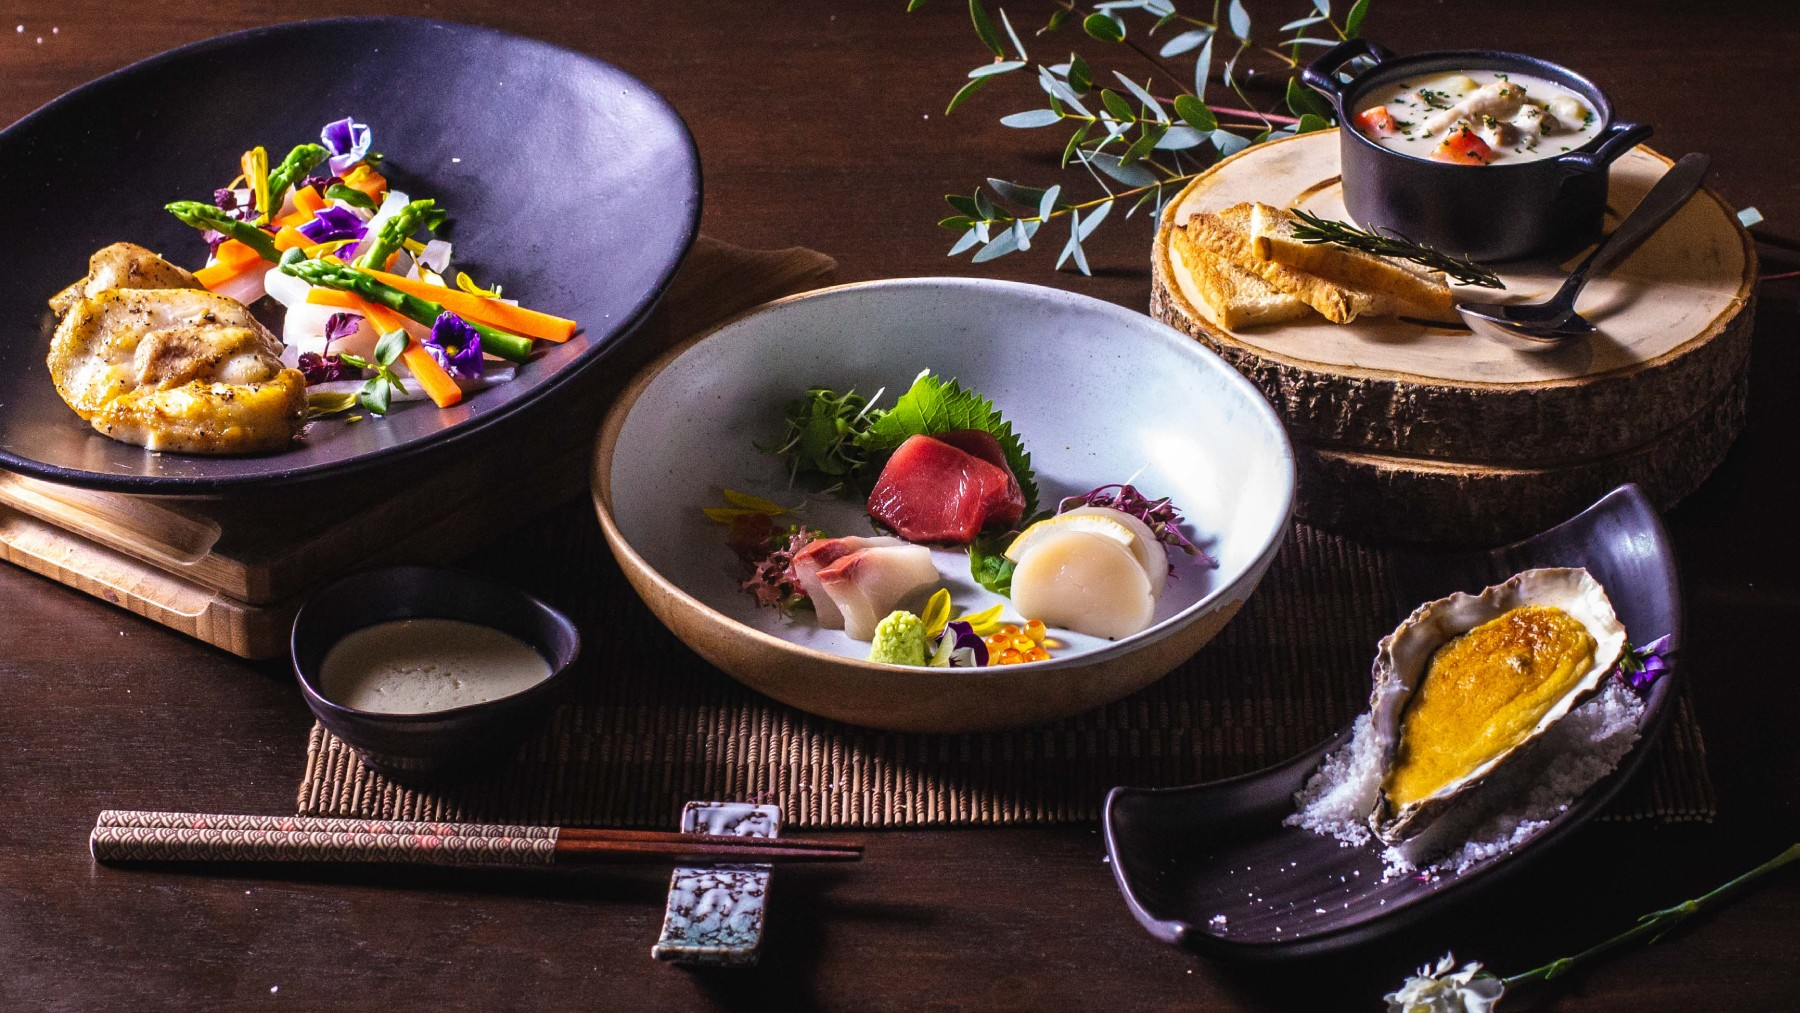 พบกับชุดอาหารญี่ปุ่นมื้อค่ำเพื่อต้อนรับเข้าสู่ฤดูหนาวในกรุงเทพฯ ได้ที่ร้านอาหารเท็นชิโนะ โรงแรมพูลแมน คิง เพาเวอร์ กรุงเทพ 2 -